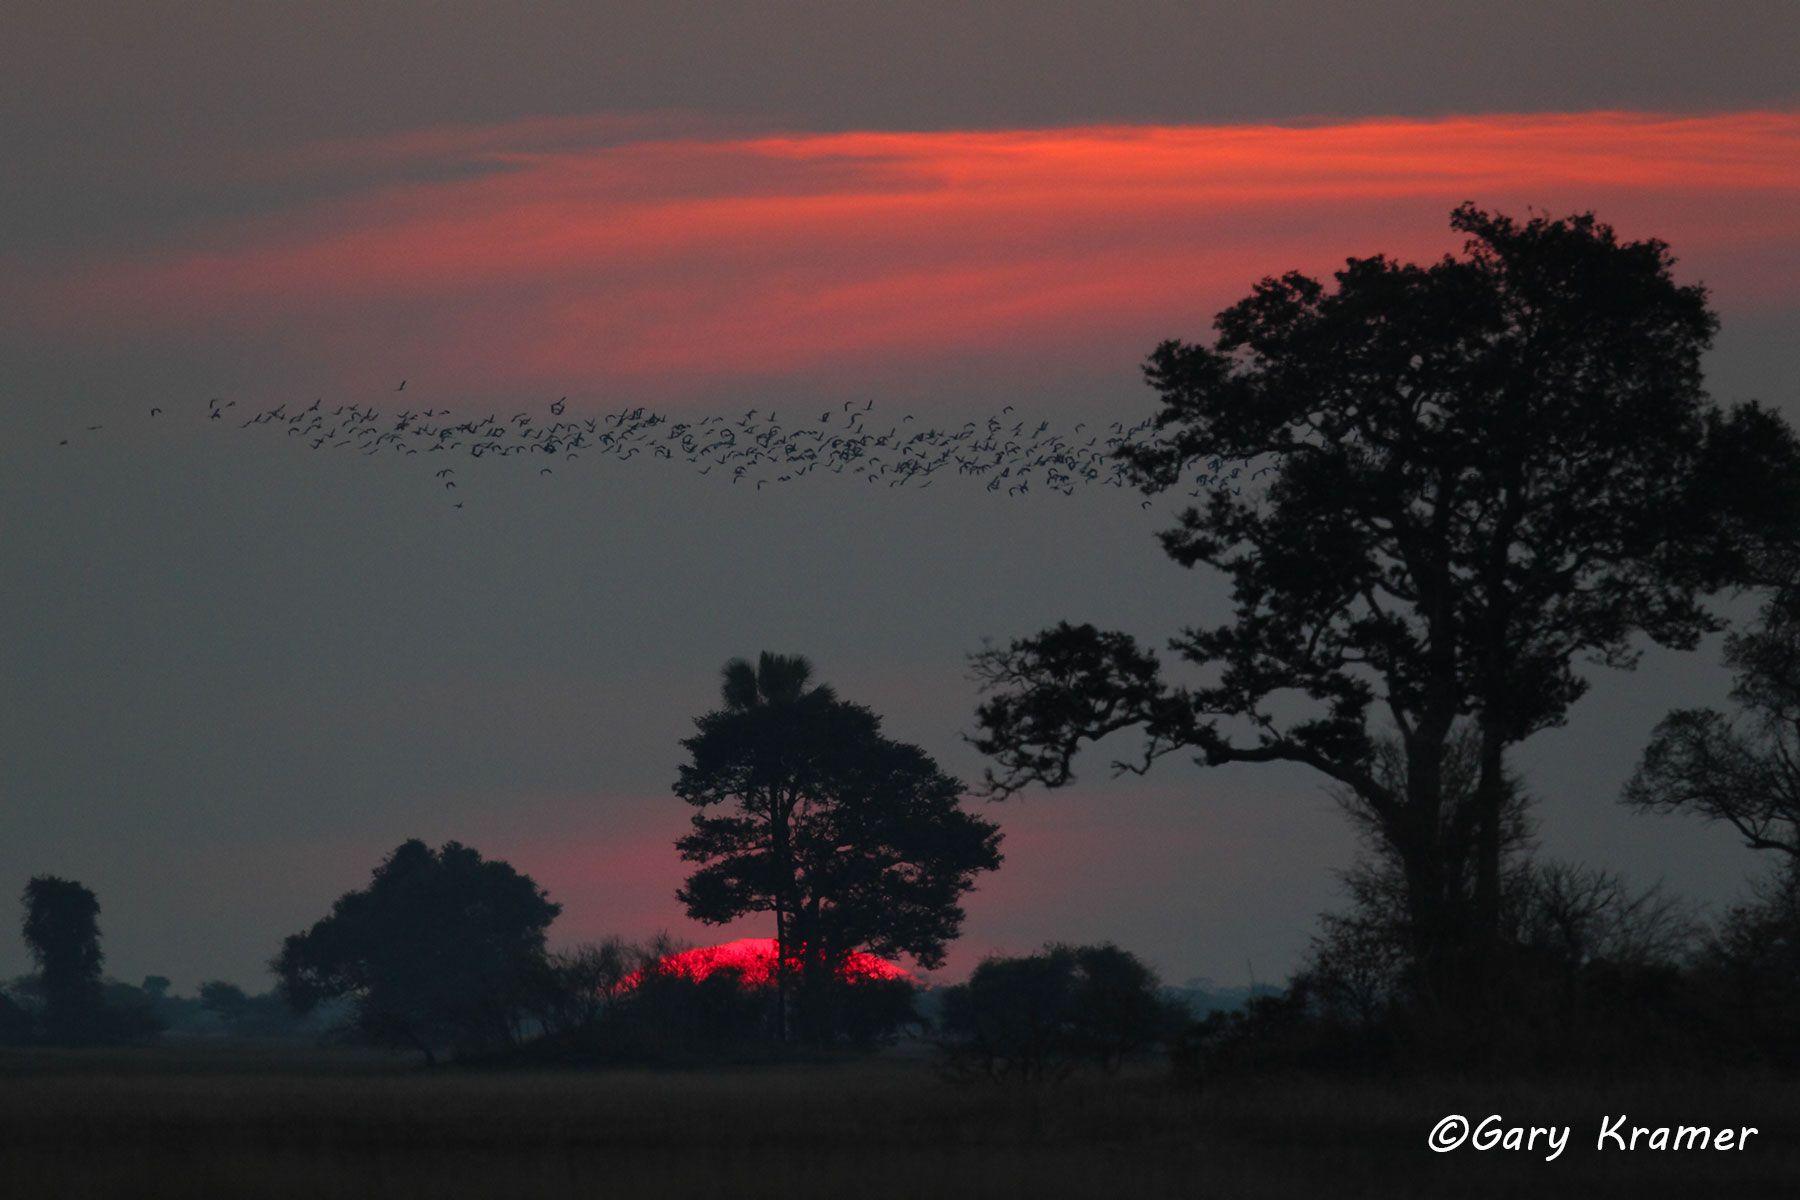 Sunset at Kafue National Park, Zambia - ASSK#031d